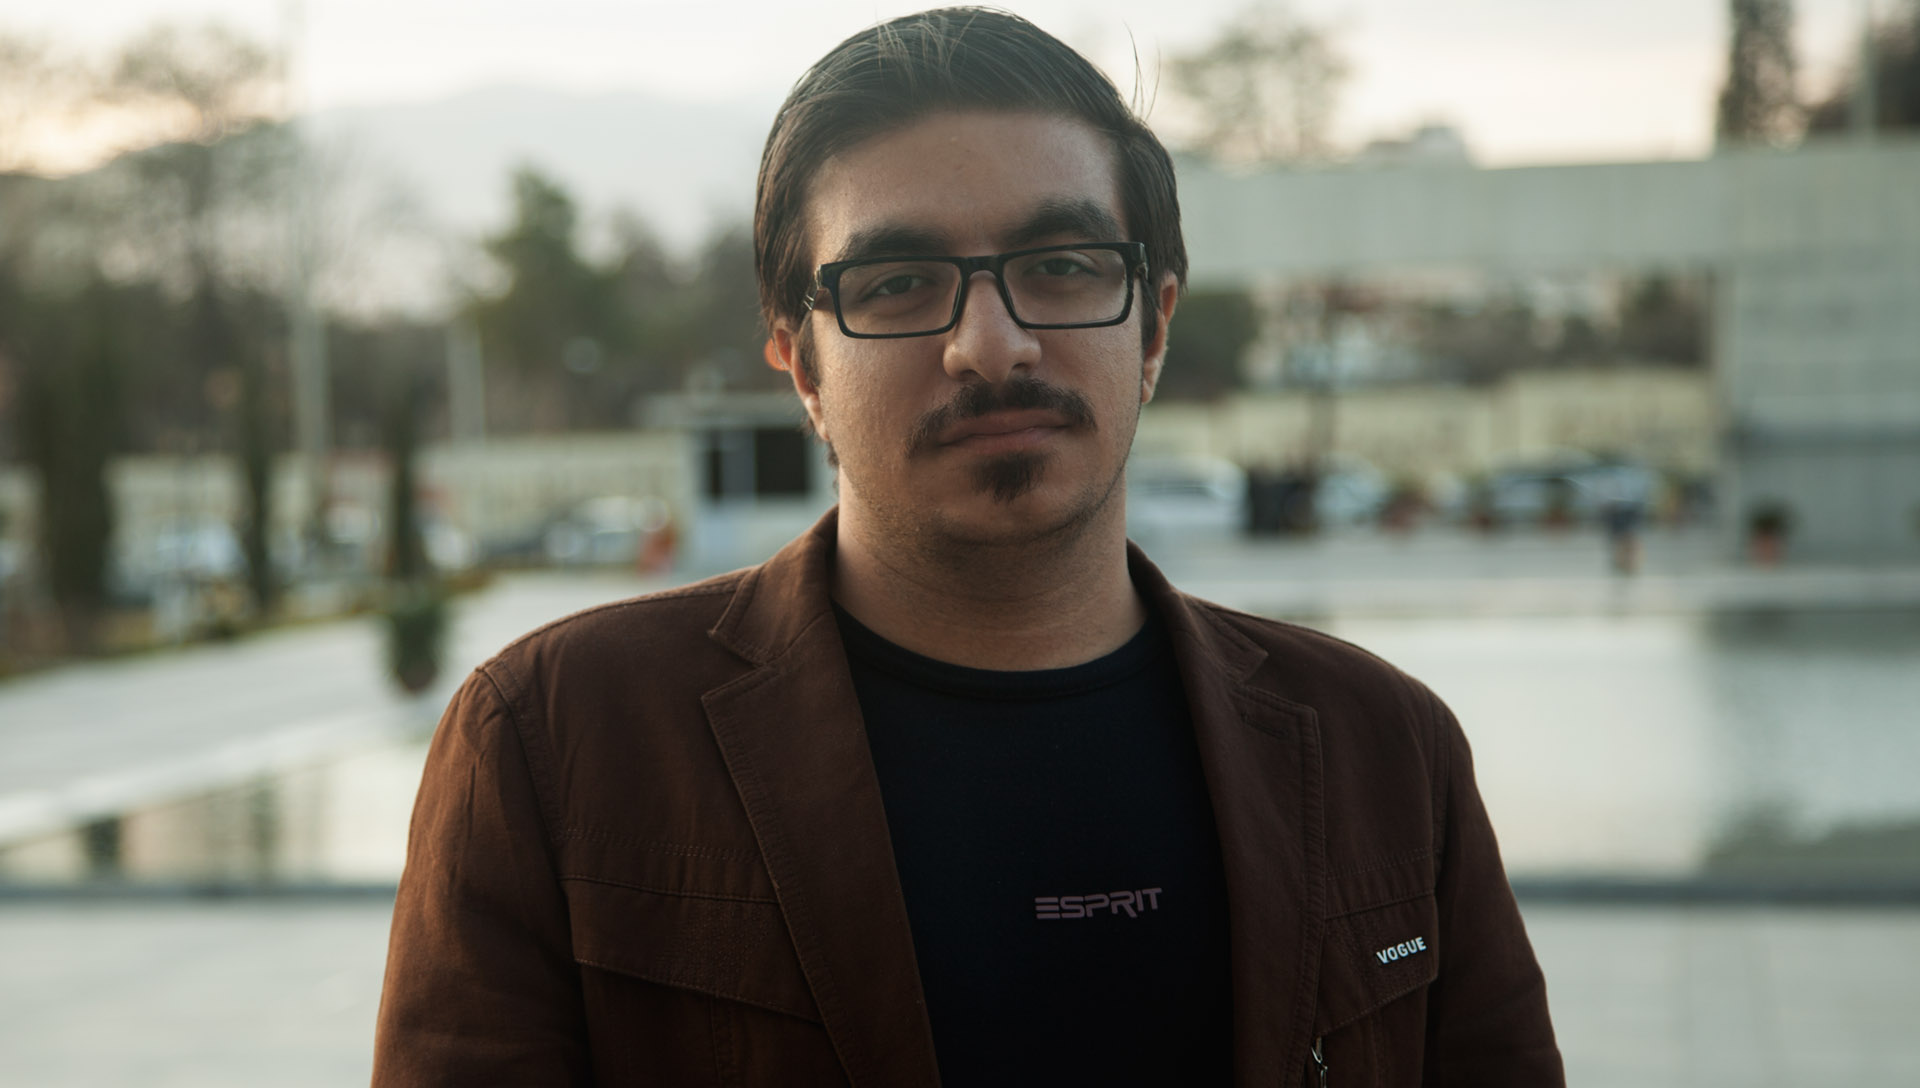 محمد رضا پیروی- شرکت فیلم سازی زوم شیراز برادران شریفی